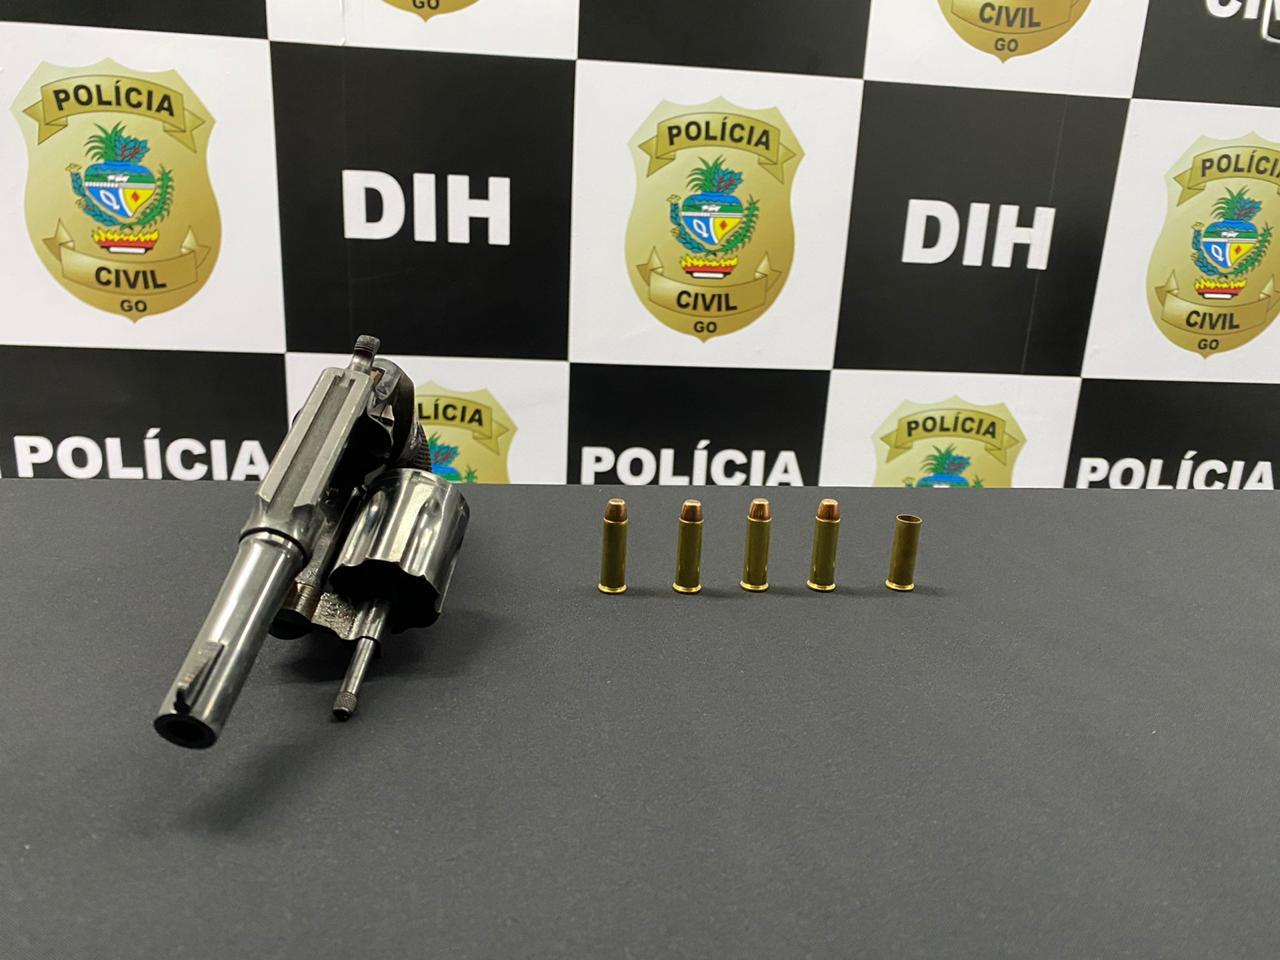 ''Foi acidental'', diz suspeito pela morte de cantor sertanejo ao se entregar à polícia